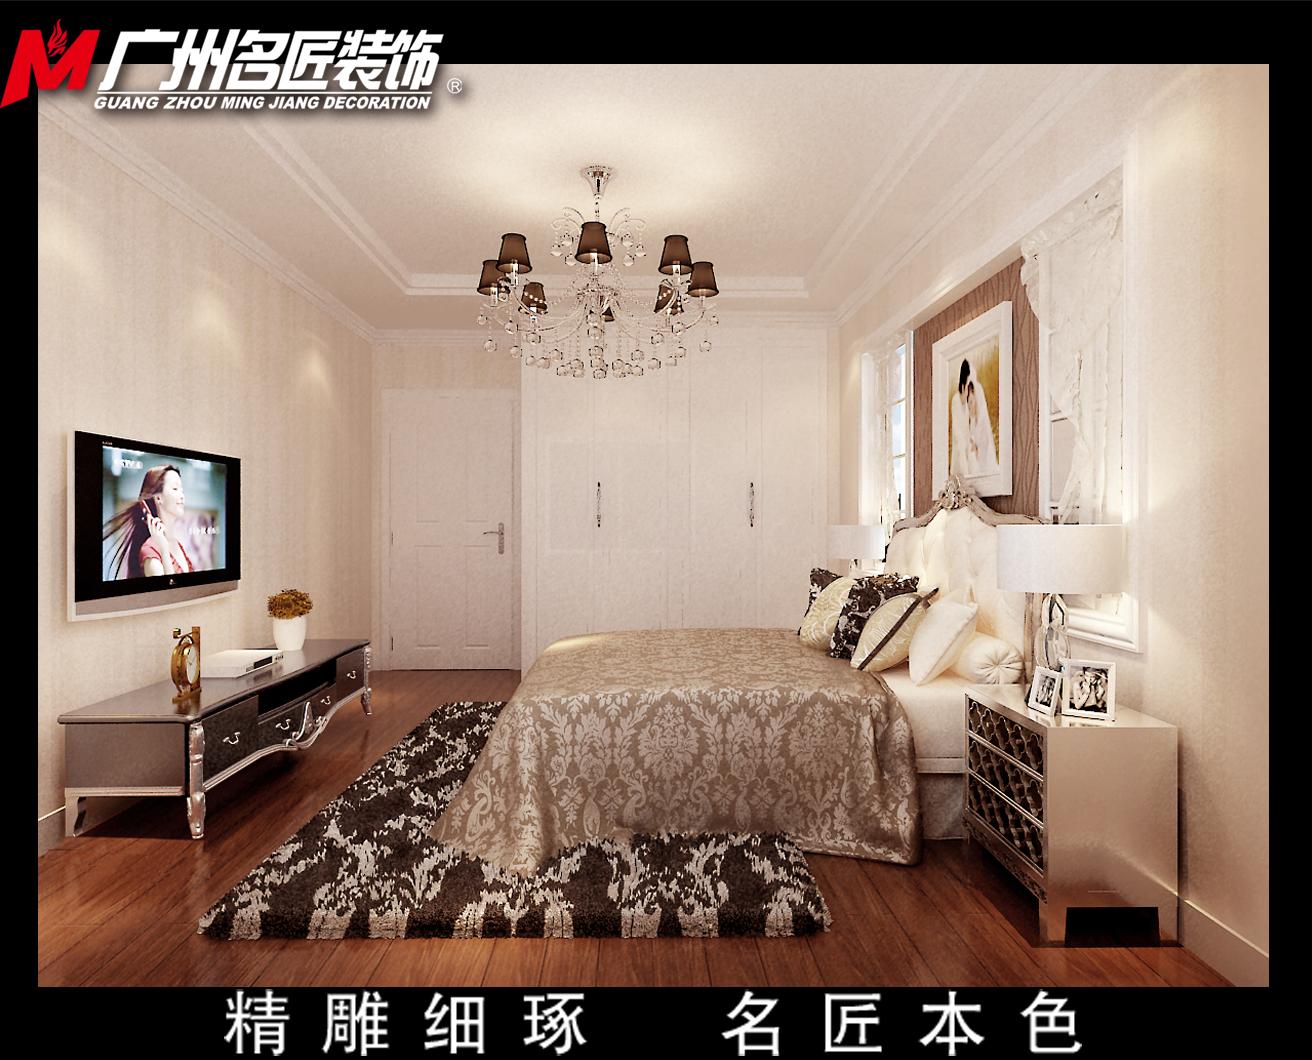 三居室欧式风格_圣地雅歌117平方户型设计装修效果图图片